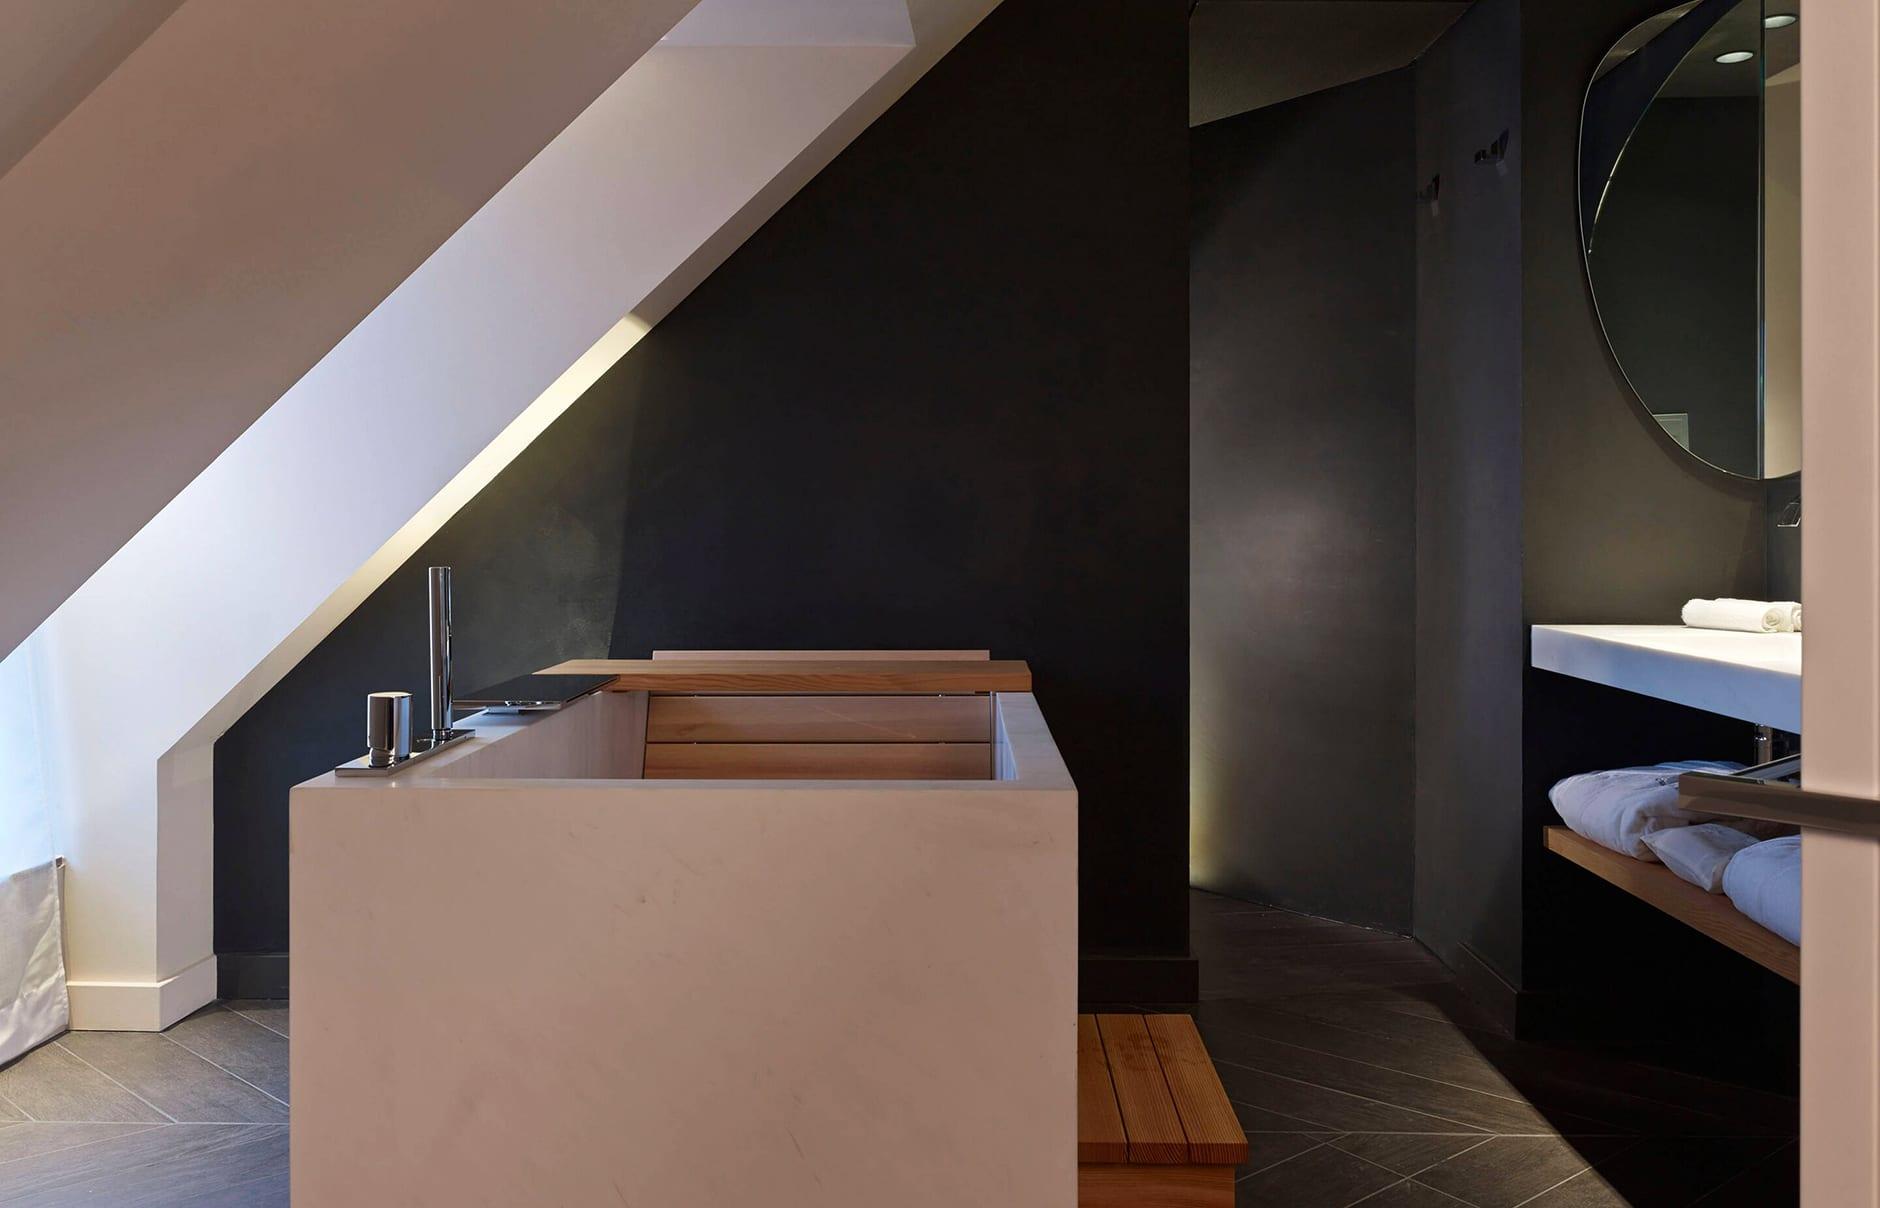 Hotel de Nell, Paris, France. Hotel Review by TravelPlusStyle. Photo © Hôtel de Nell